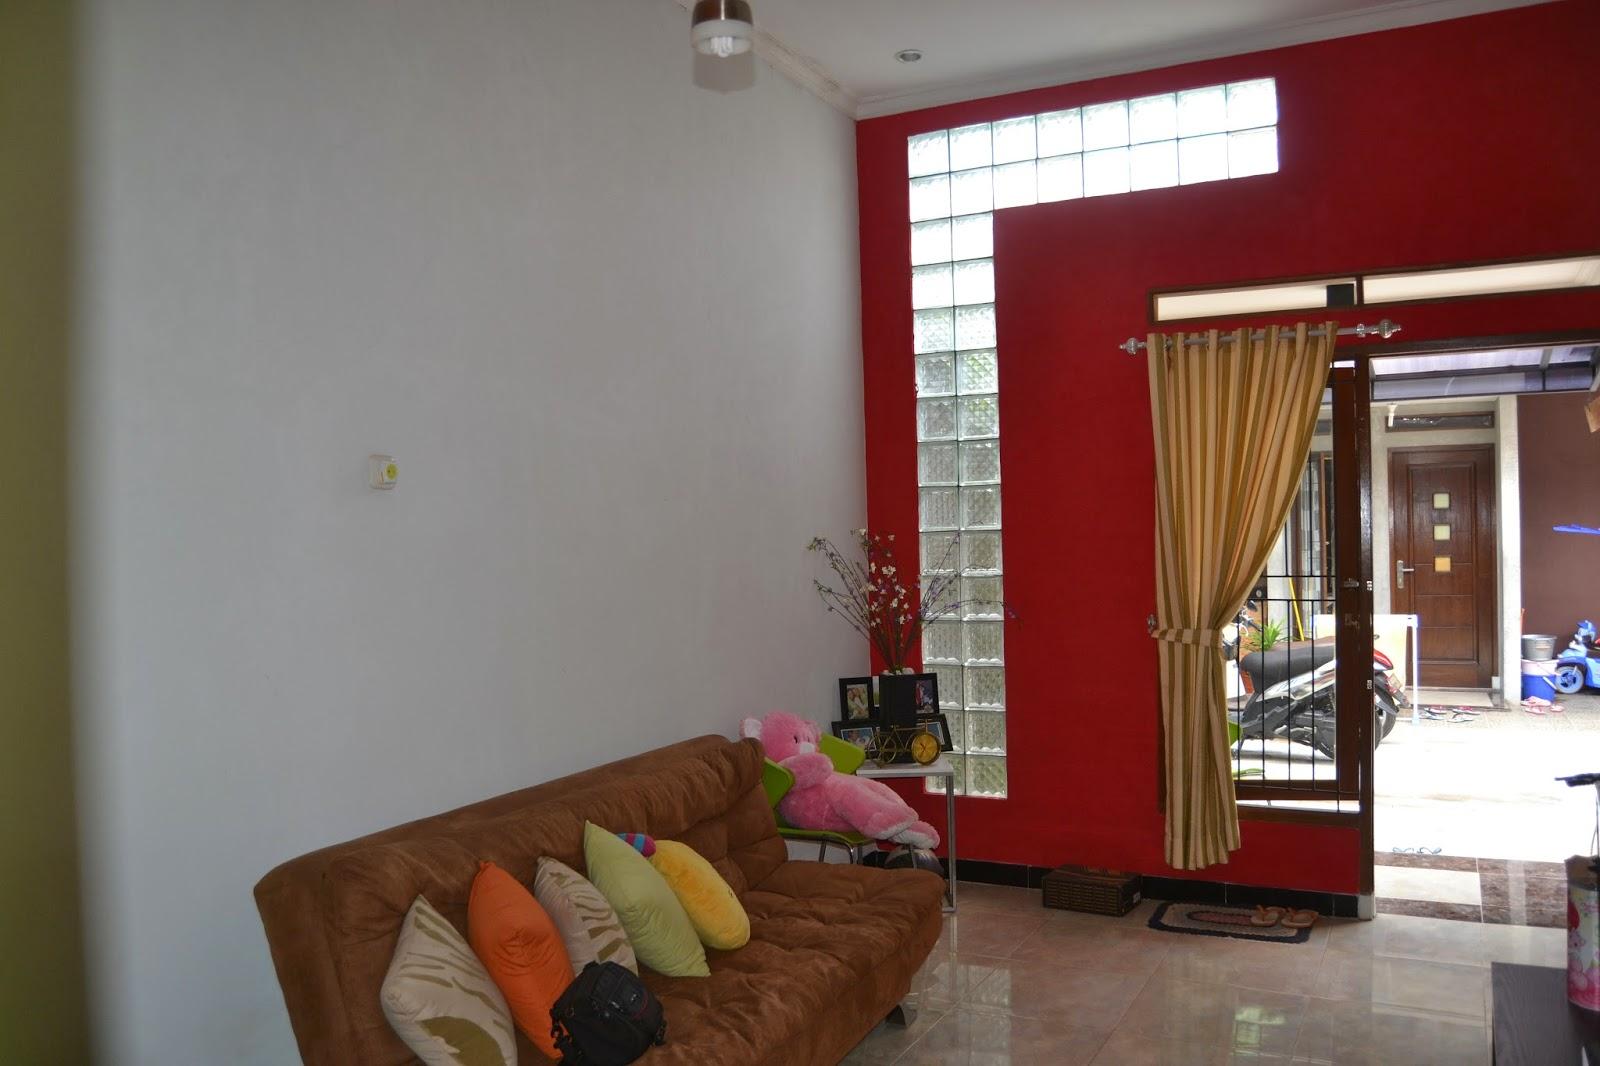 Rumah disewakan di Gintung Tanjung Barat Jakarta Selatan 3 - Hub Asdianawaty 081314851327